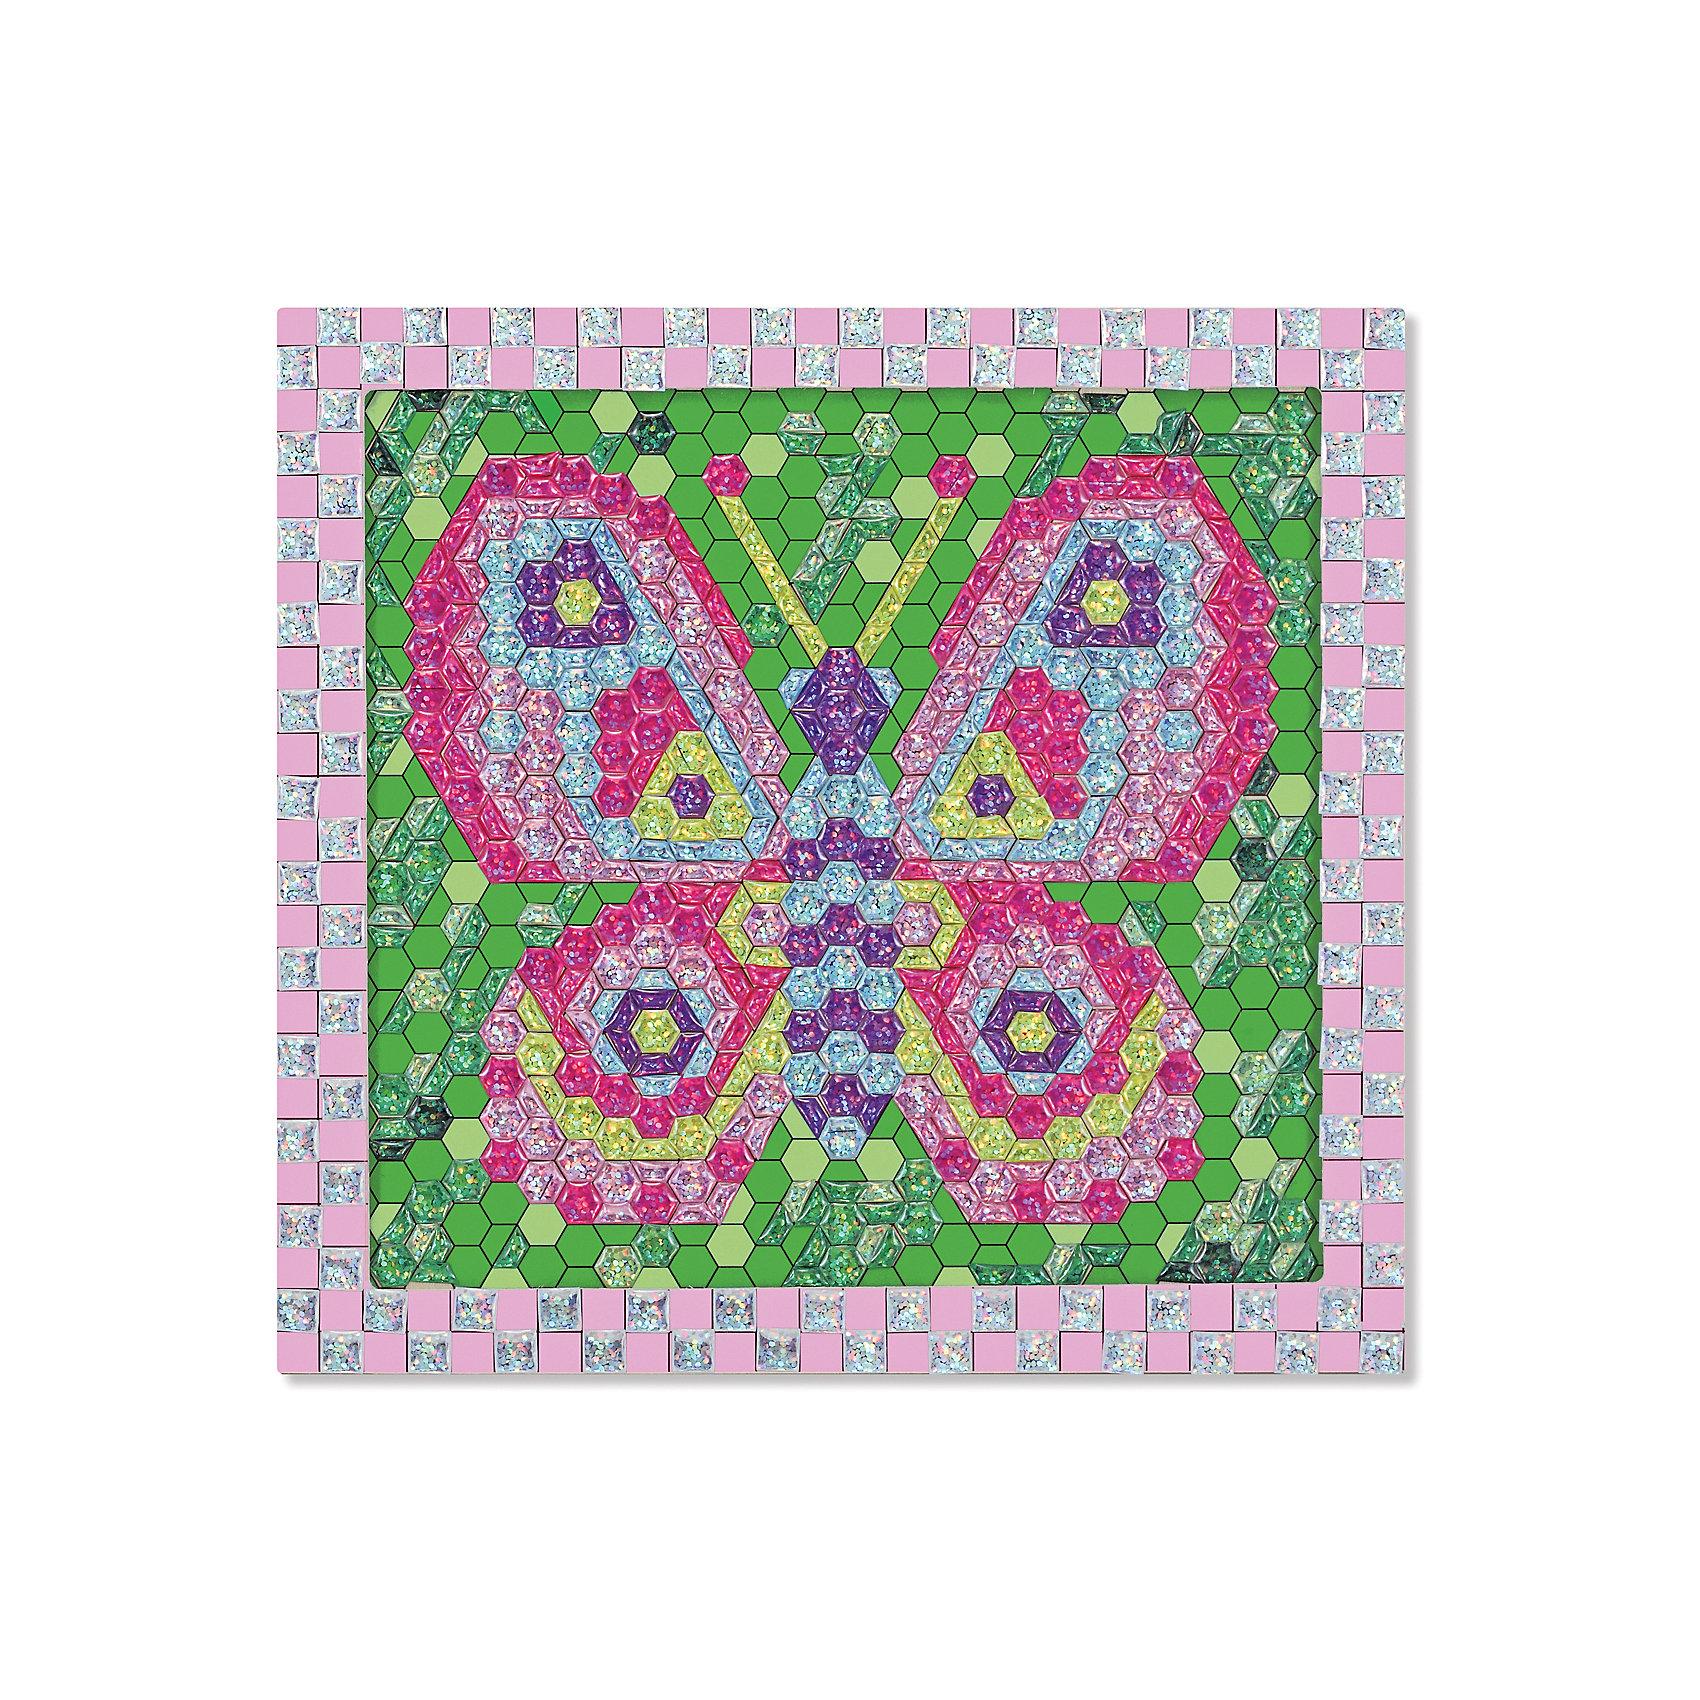 Мозаика Бабочка, Melissa &amp; DougМозаика<br>При помощи 600 сверкающих объемных стикеров из набора Мозаика Бабочка, Melissa &amp; Doug (Мелисса и Даг) ребенок создаст разноцветное изображение бабочки в деревянной раме. Самоклеящиеся элементы следует выкладывать в строгом соответствии с цифрами на основе-рамке (стикеры также пронумерованы). Готовая картинка станет украшением детской комнаты или самодельным подарком близким. Набор развивает мелкую моторику, логическое мышление, творческие способности, усидчивость.<br><br>Дополнительная информация:<br>-Материал: дерево, пластик<br>-Размер упаковки: 27х30х2 см<br>-Вес: 0,5 кг<br><br>Творческий набор Мозаика «Бабочка» станет отличным подарком для Вашего ребенка и обеспечит ему полезное и увлекательное времяпрепровождение.<br><br>Мозаика Бабочка, Melissa &amp; Doug (Мелисса и Даг) можно купить в нашем магазине.<br><br>Ширина мм: 310<br>Глубина мм: 310<br>Высота мм: 270<br>Вес г: 620<br>Возраст от месяцев: 72<br>Возраст до месяцев: 180<br>Пол: Женский<br>Возраст: Детский<br>SKU: 4008279